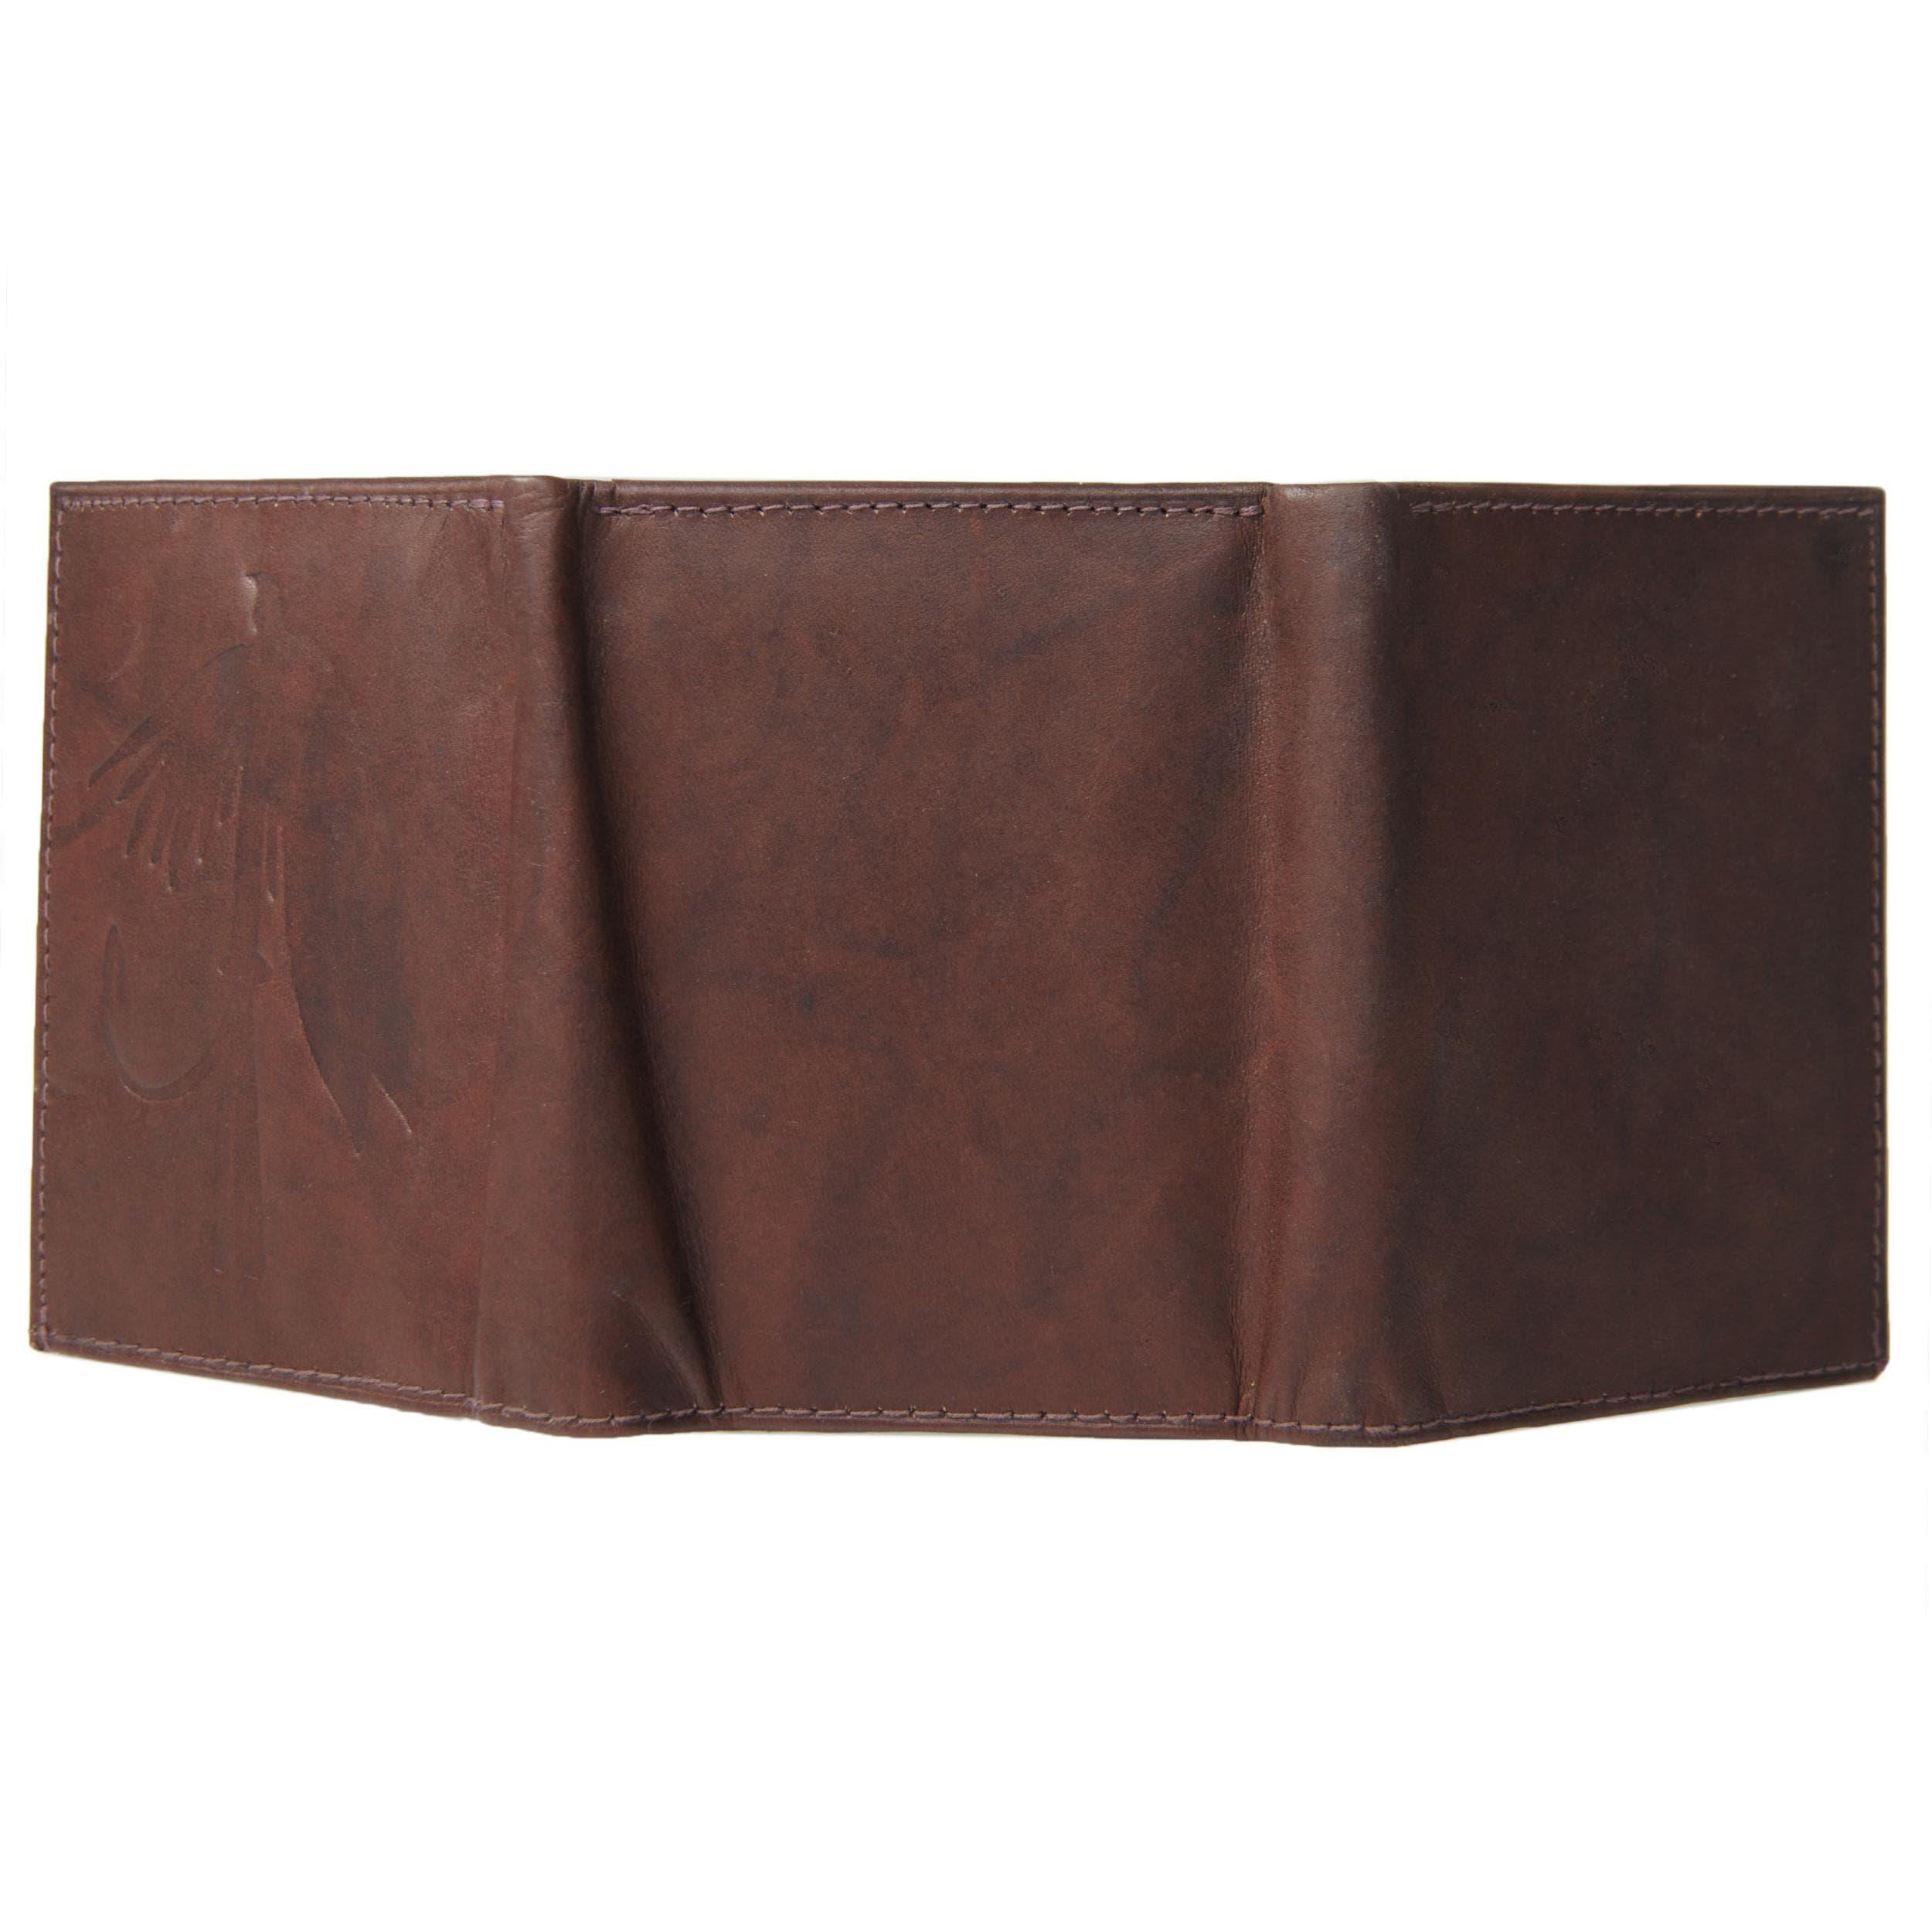 Boston Traveler Men's Genuine Leather Fly Embossed Tri-fold Wallet - Thumbnail 2